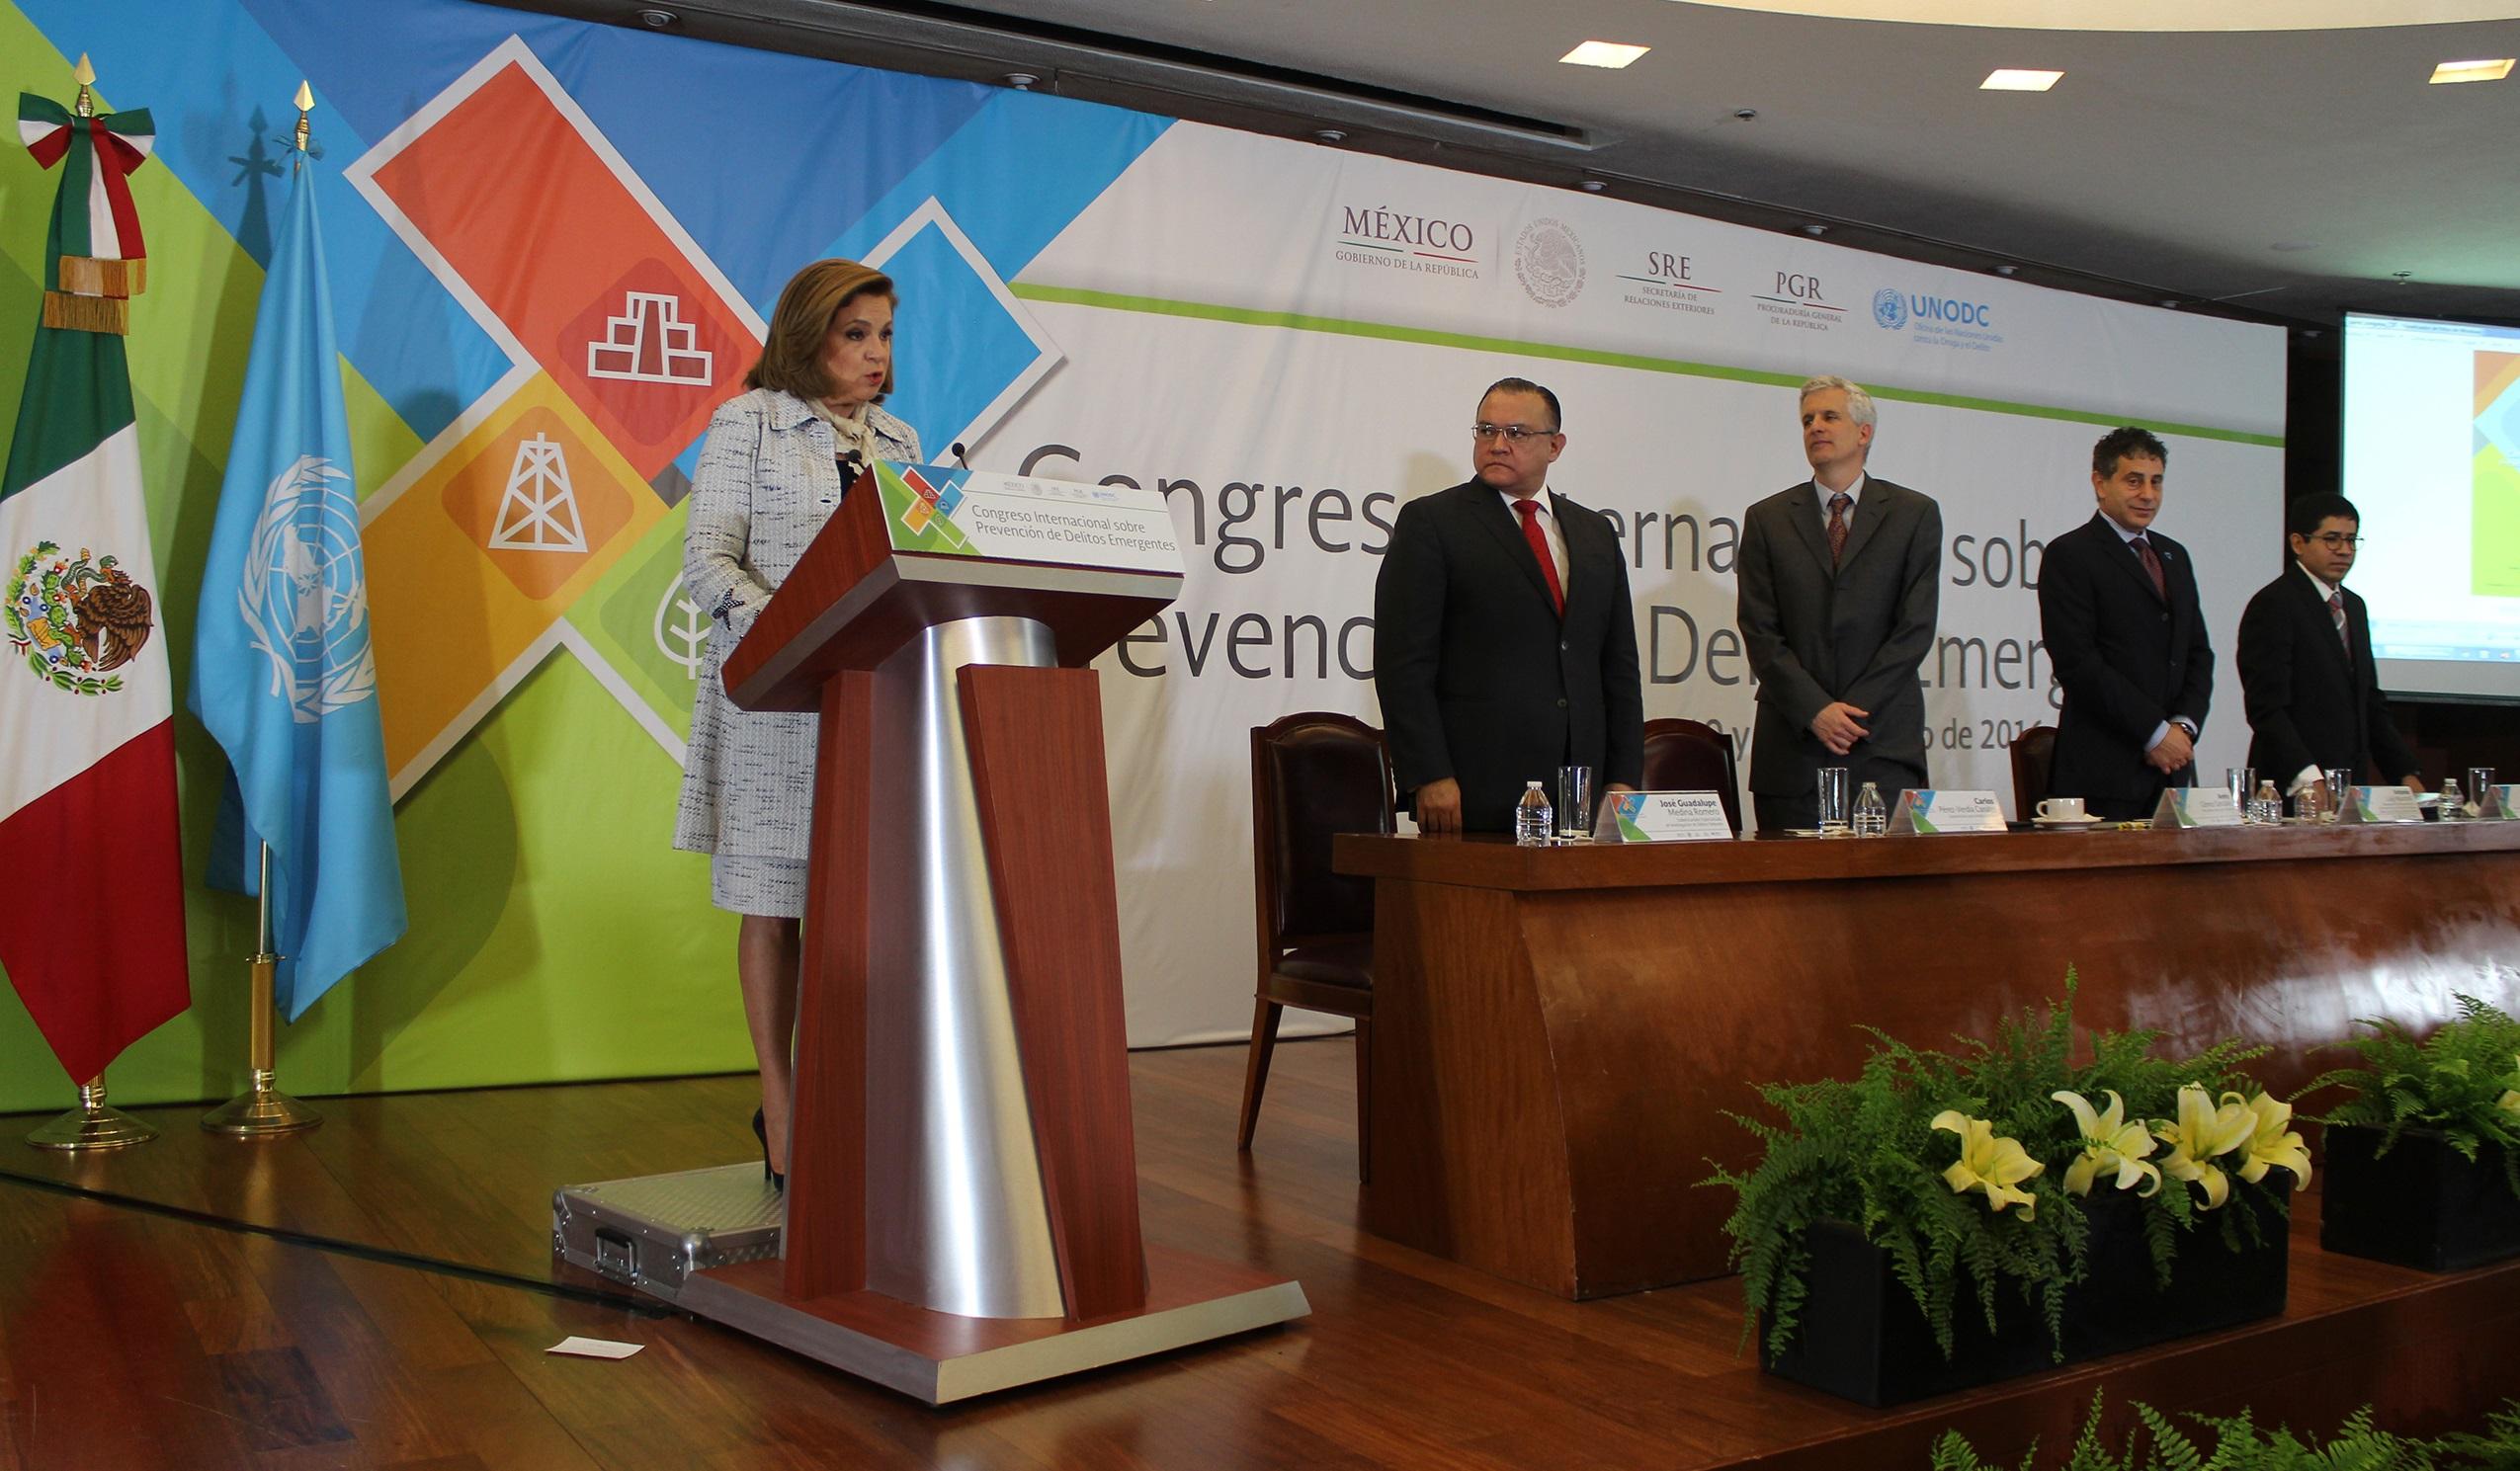 Foto 3 Congreso Internacional sobre Prevenci n de Delitos Emergentes3jpg